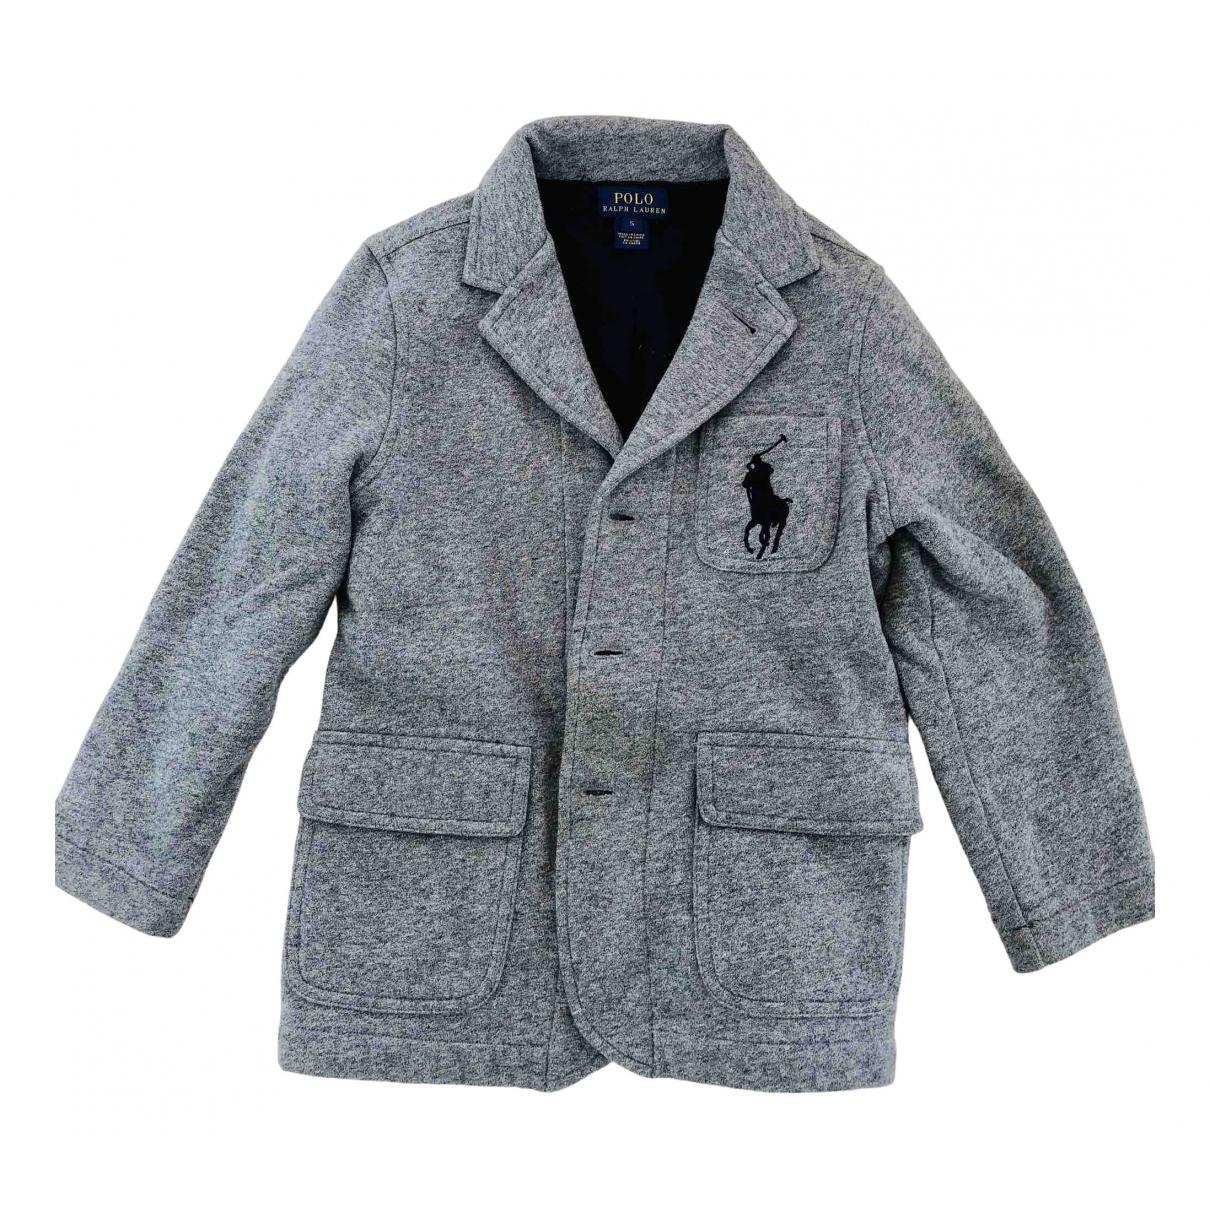 Polo Ralph Lauren - Blousons.Manteaux   pour enfant en coton - gris